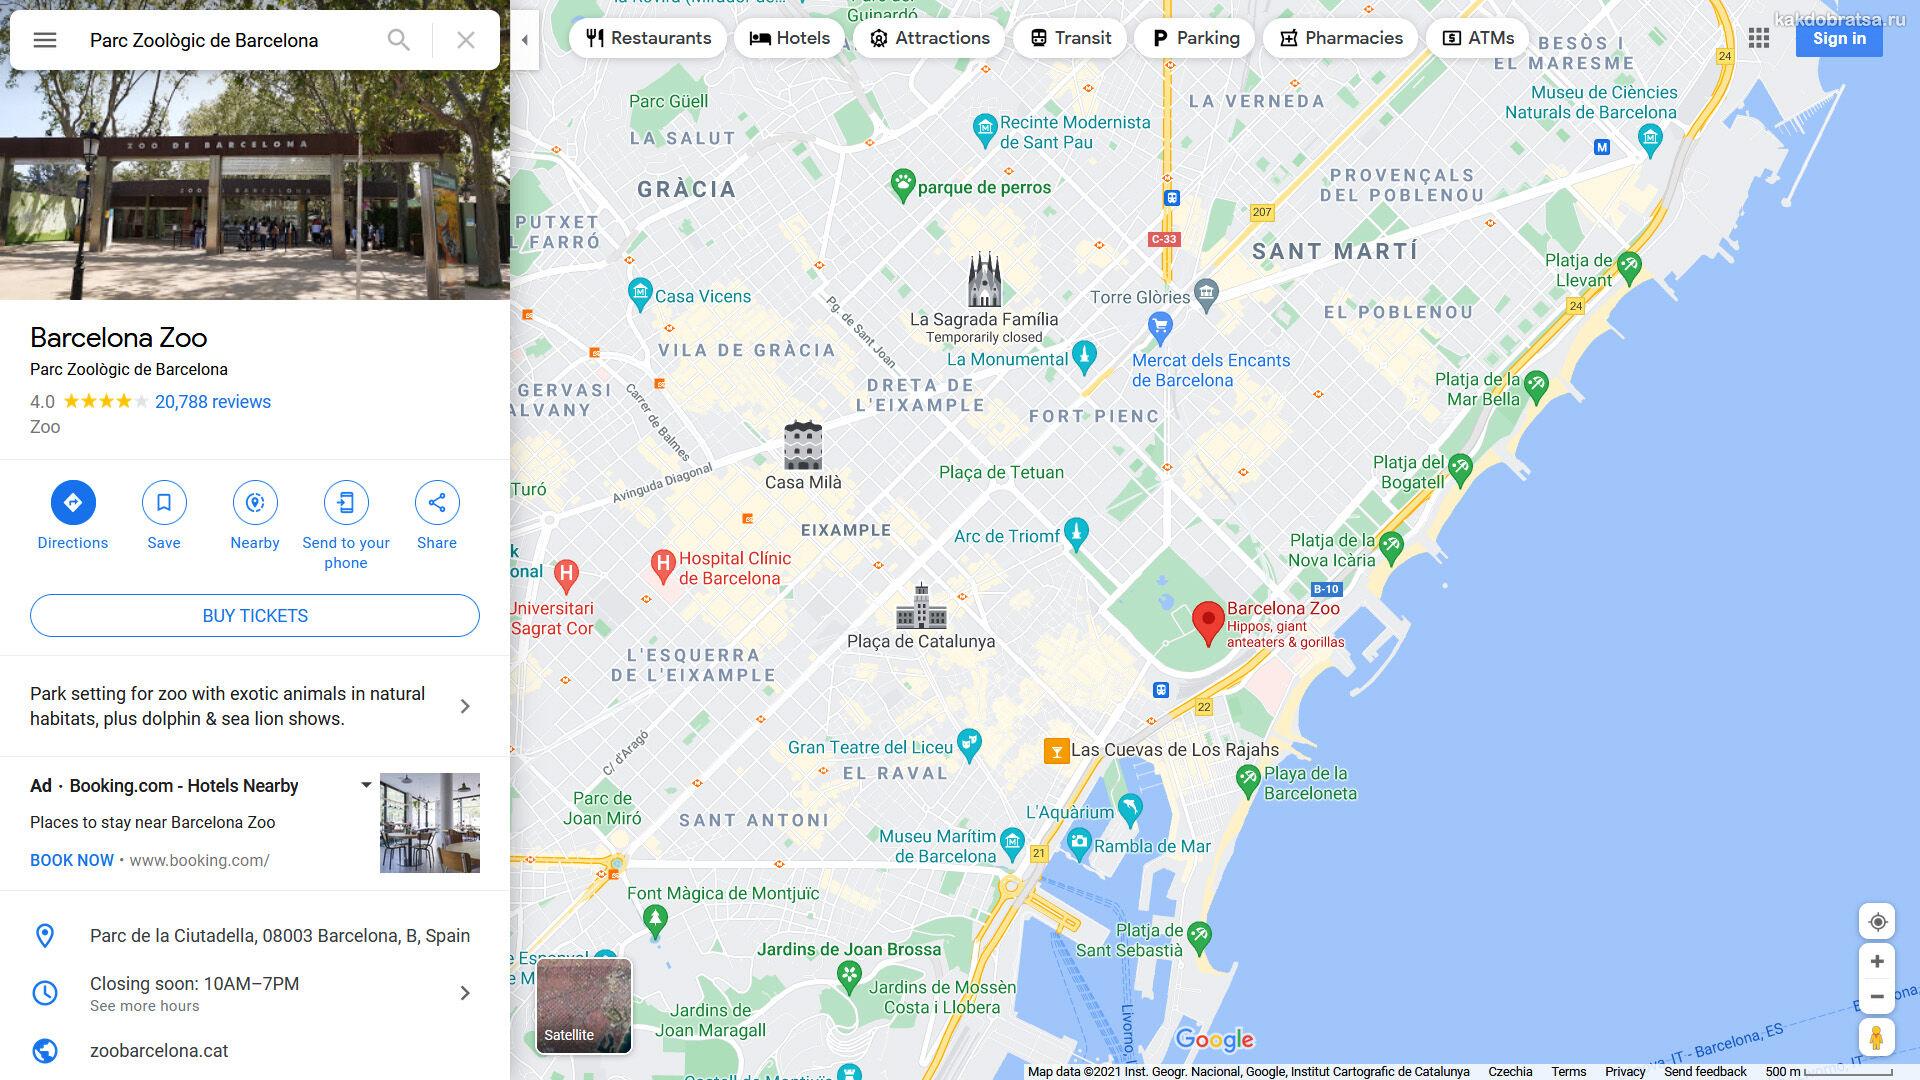 Где находится зоопарк Барселоны на карте точка